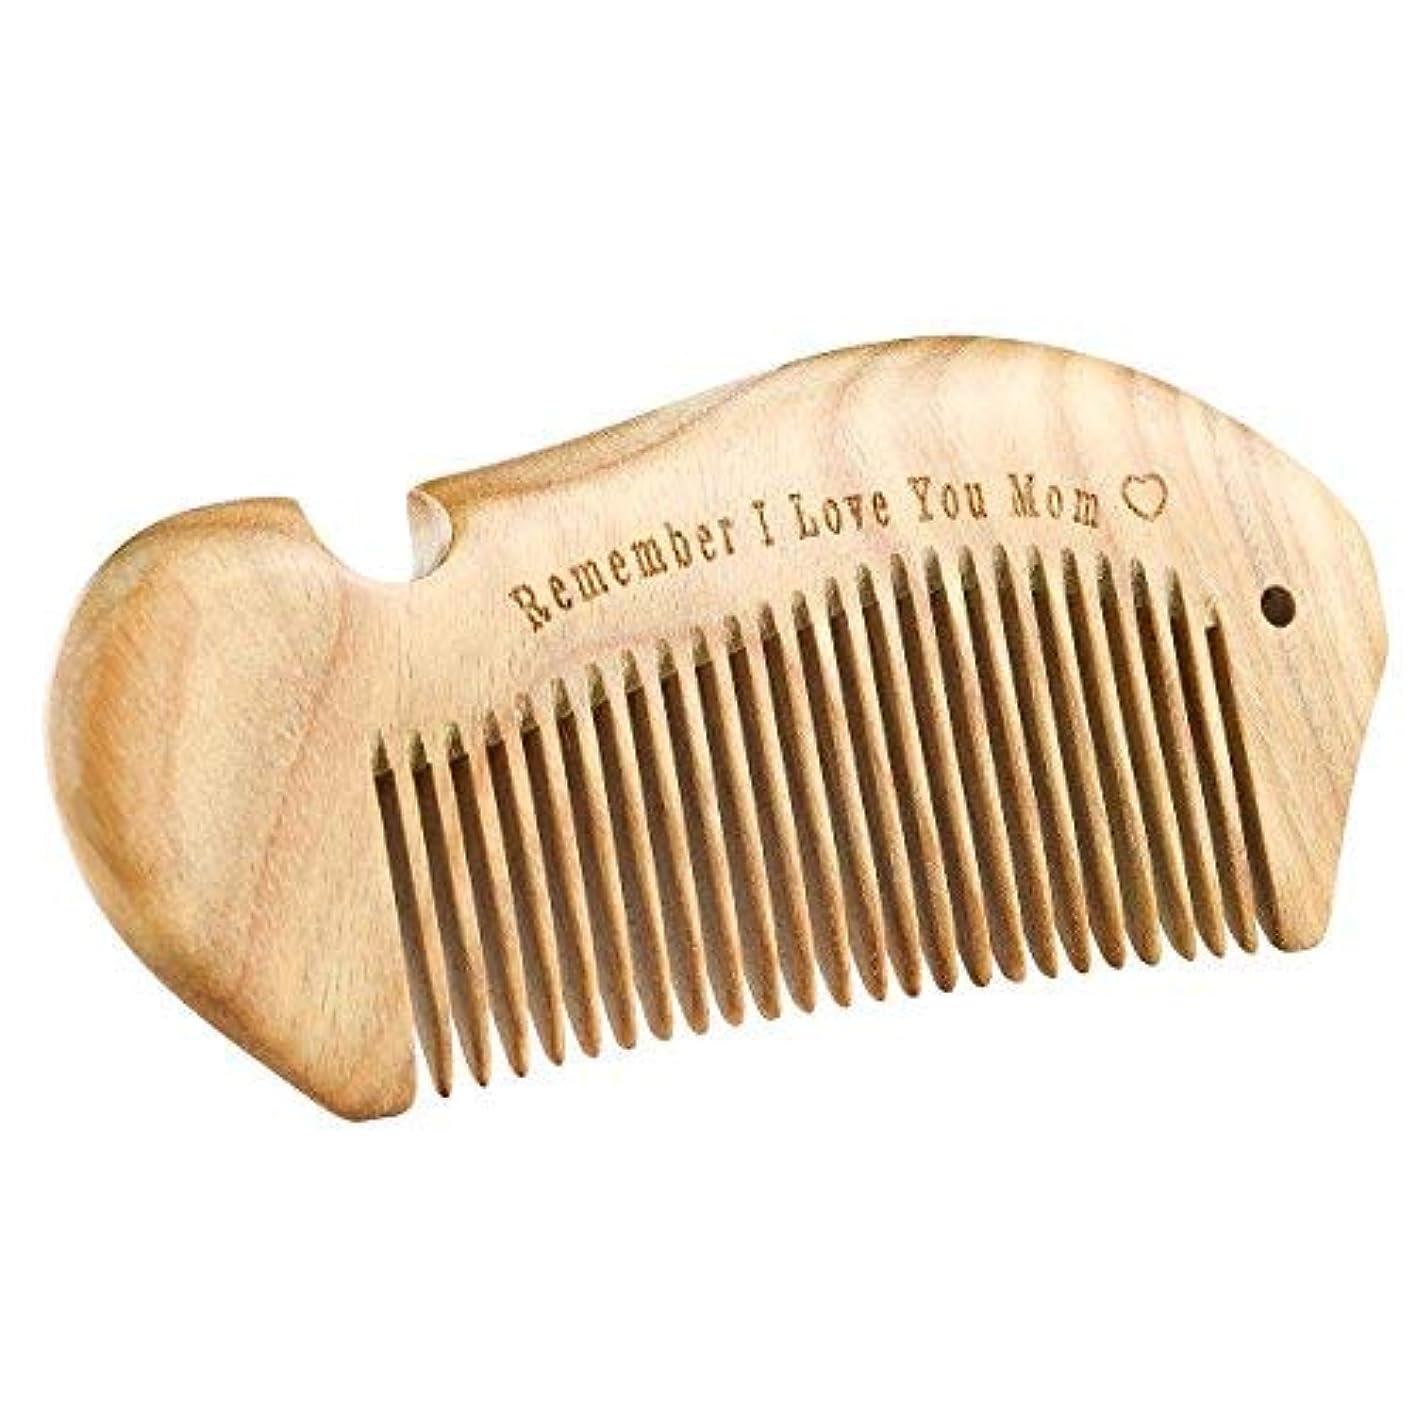 ハンサム入学する消えるi.VALUX Handmade Sandalwood Hair Comb,No Static Natural Aroma Wood Comb for Curly Hair [並行輸入品]